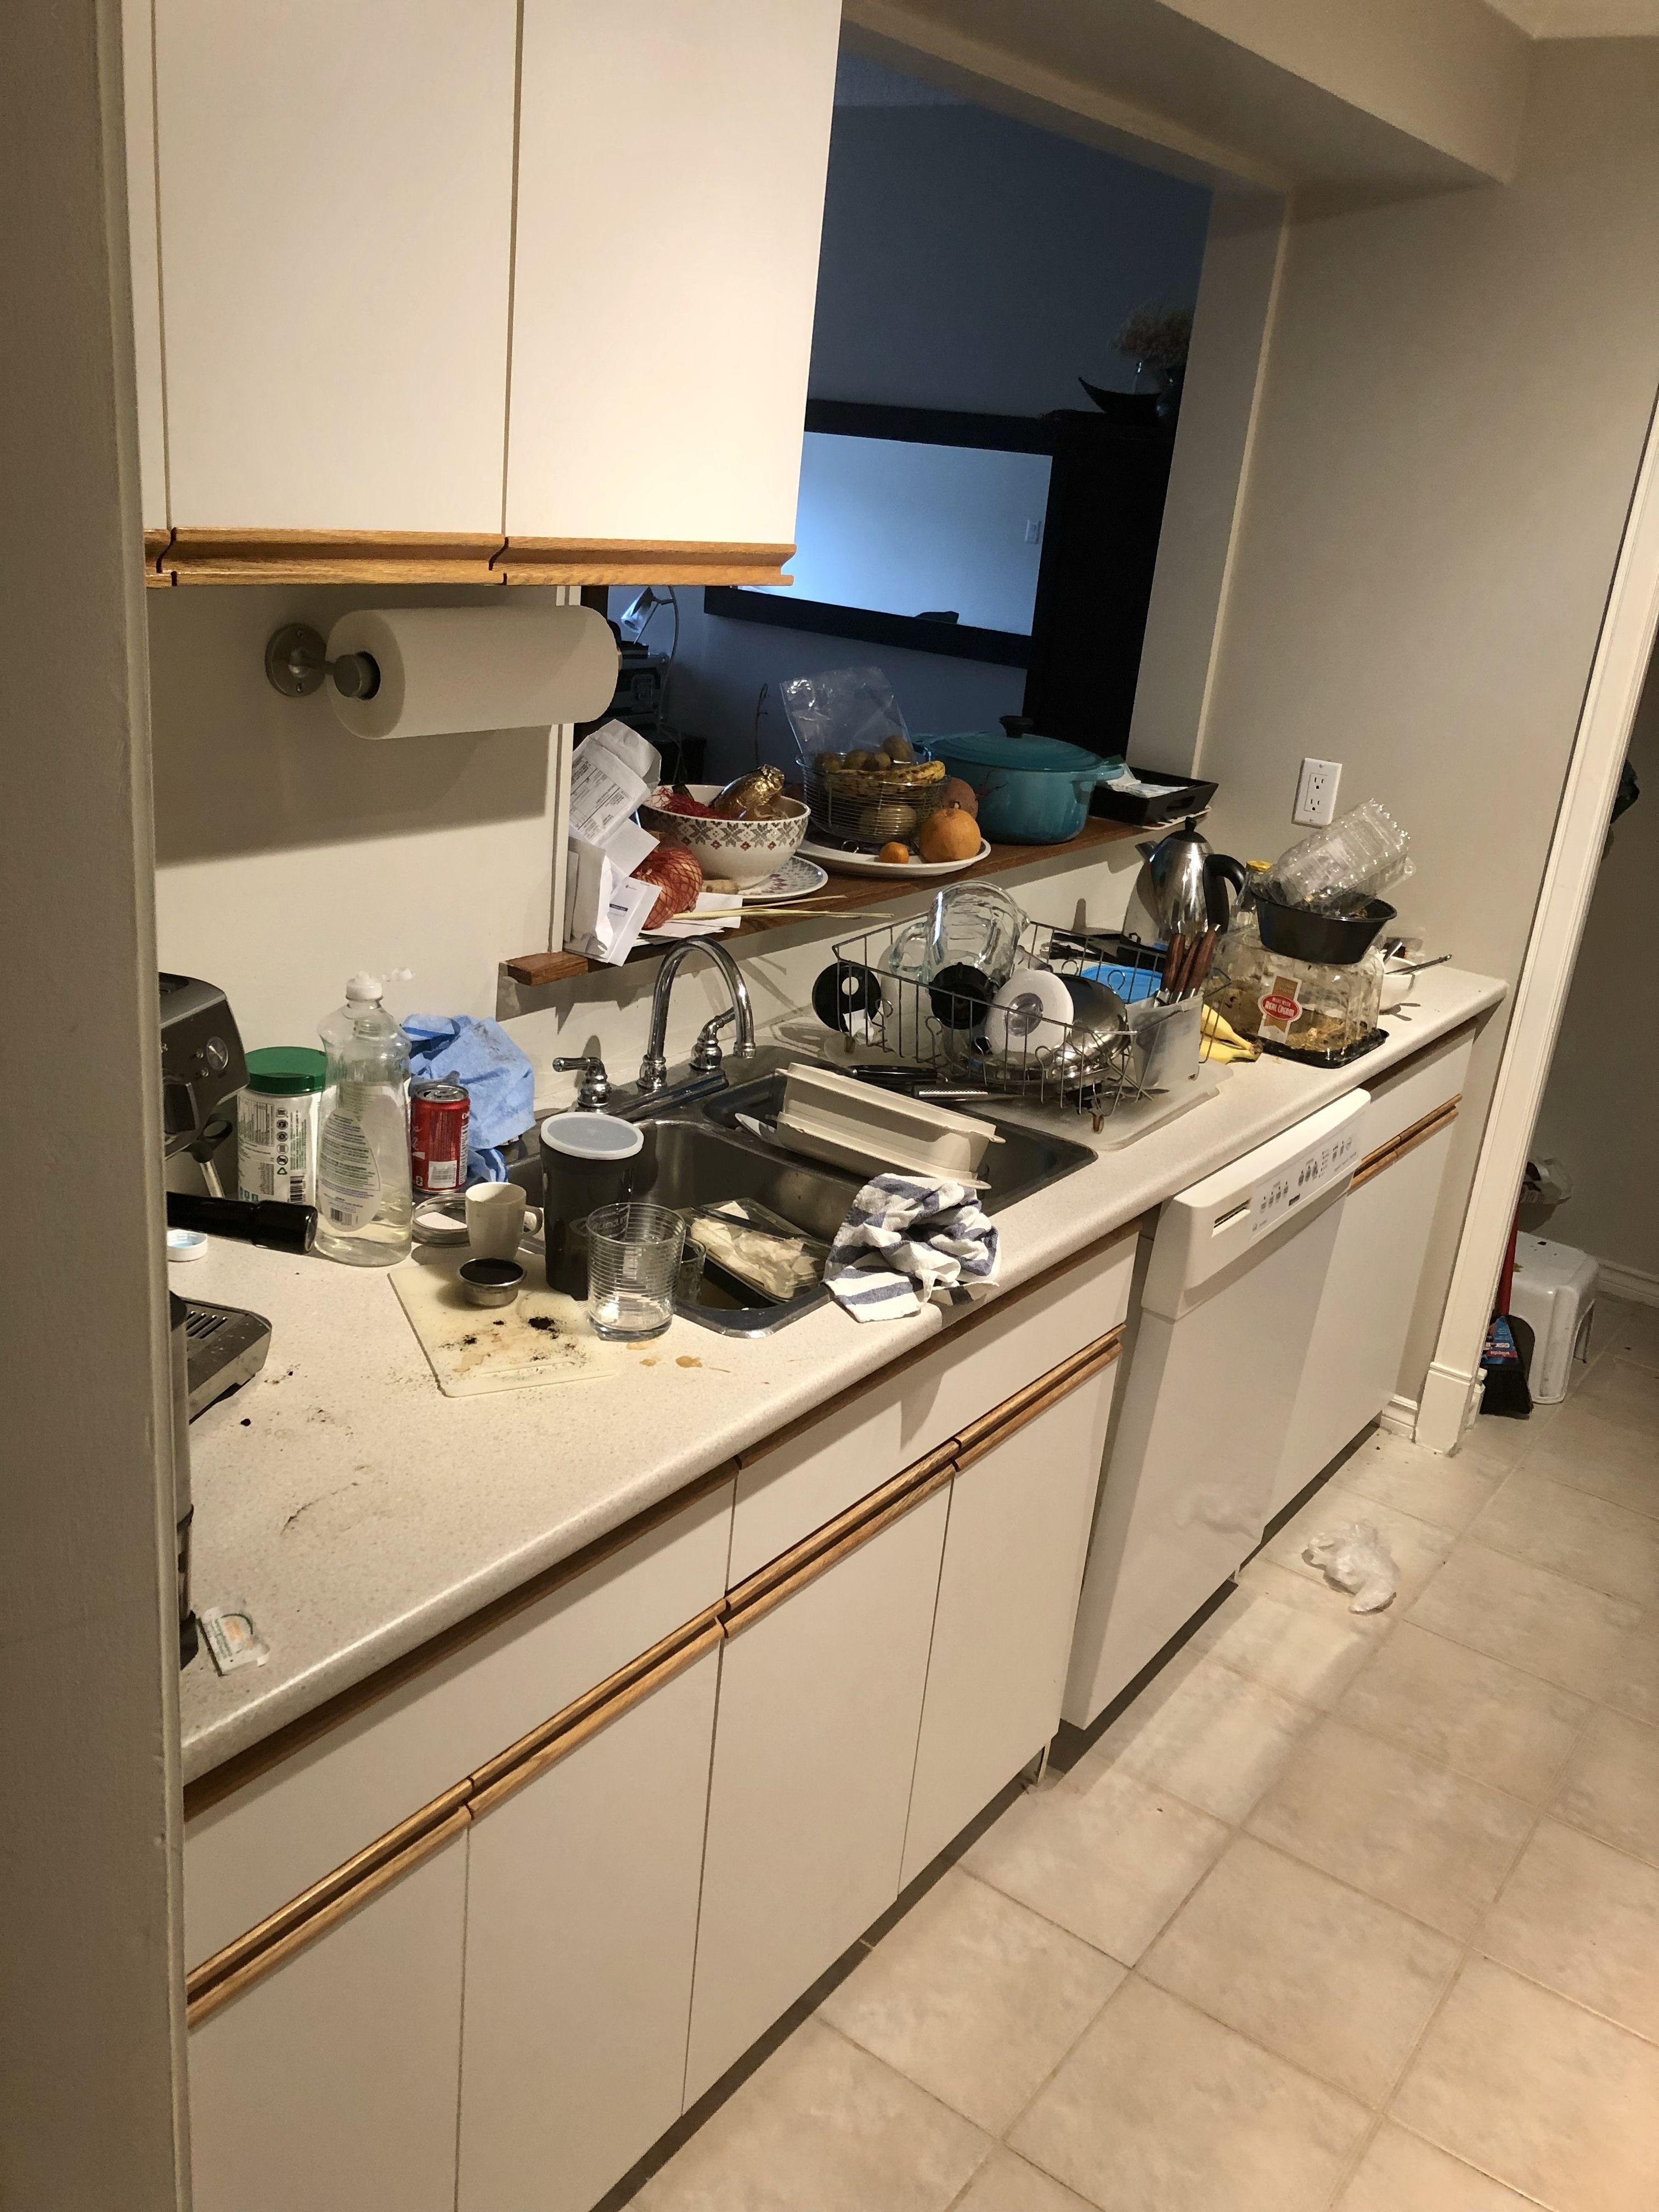 80 S Cabinet Doors No More In 2020 Replacing Kitchen Cabinets Cabinet Door Makeover Diy Cabinet Doors